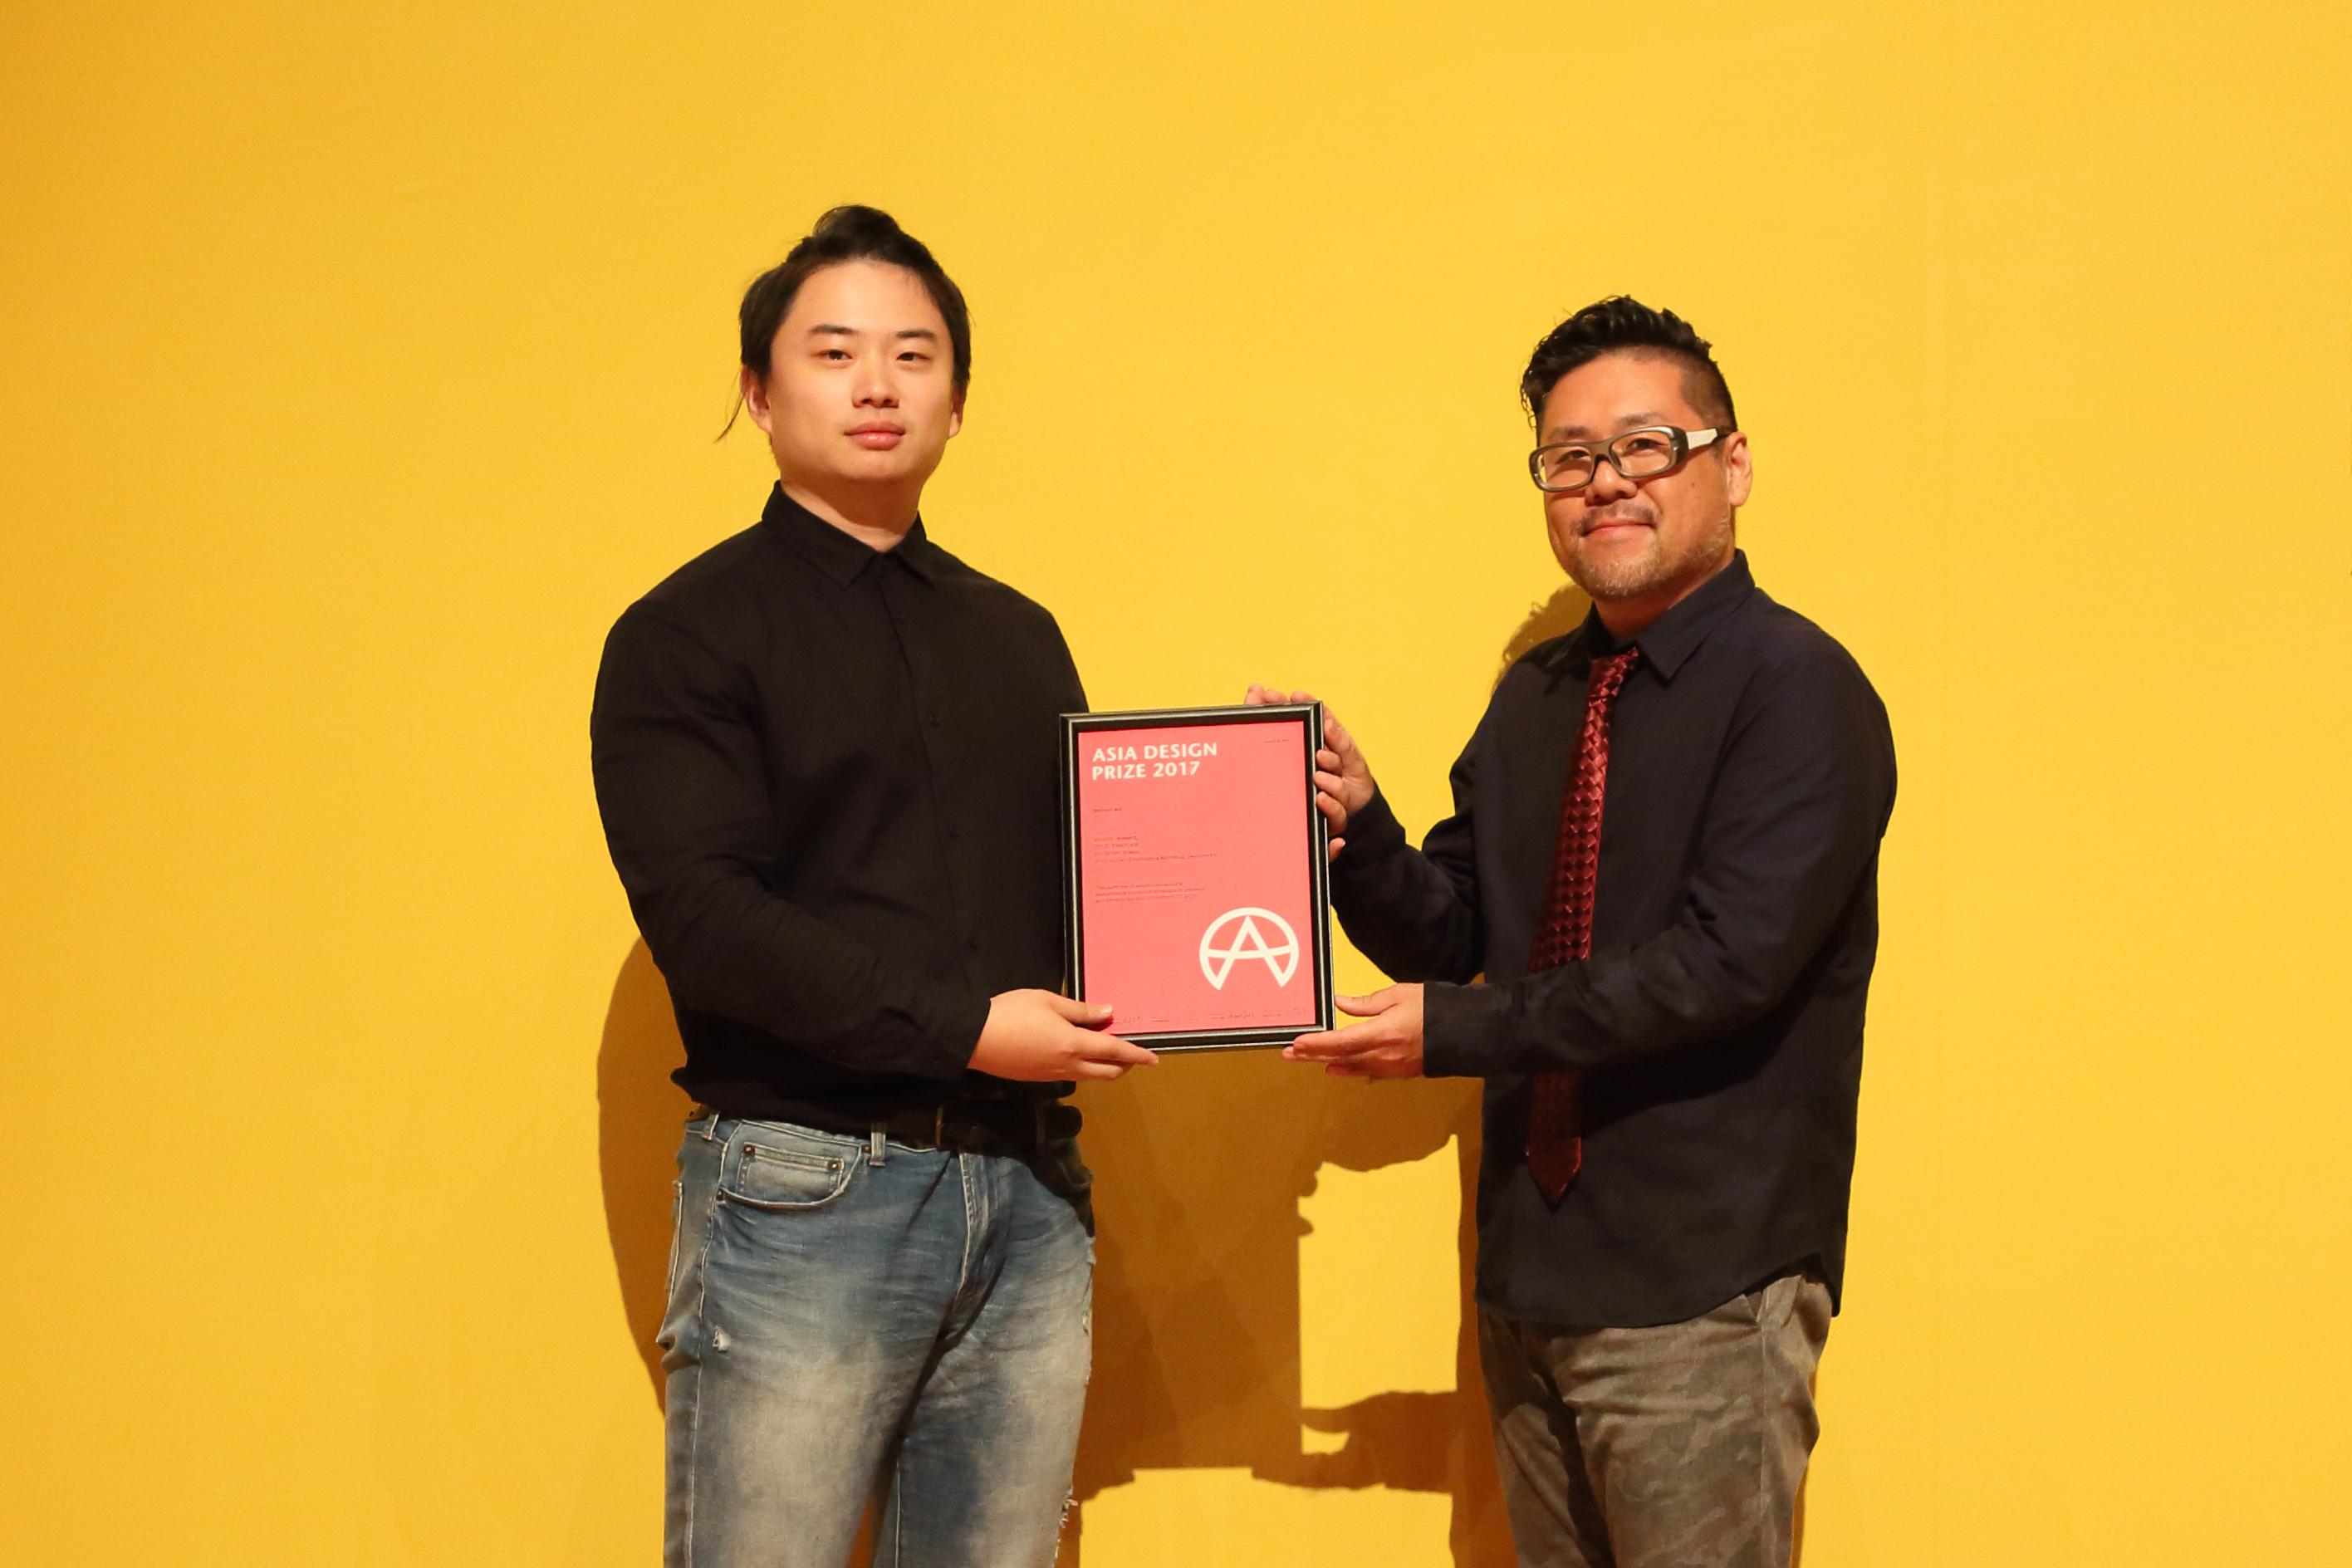 Asia Design Prize 2016